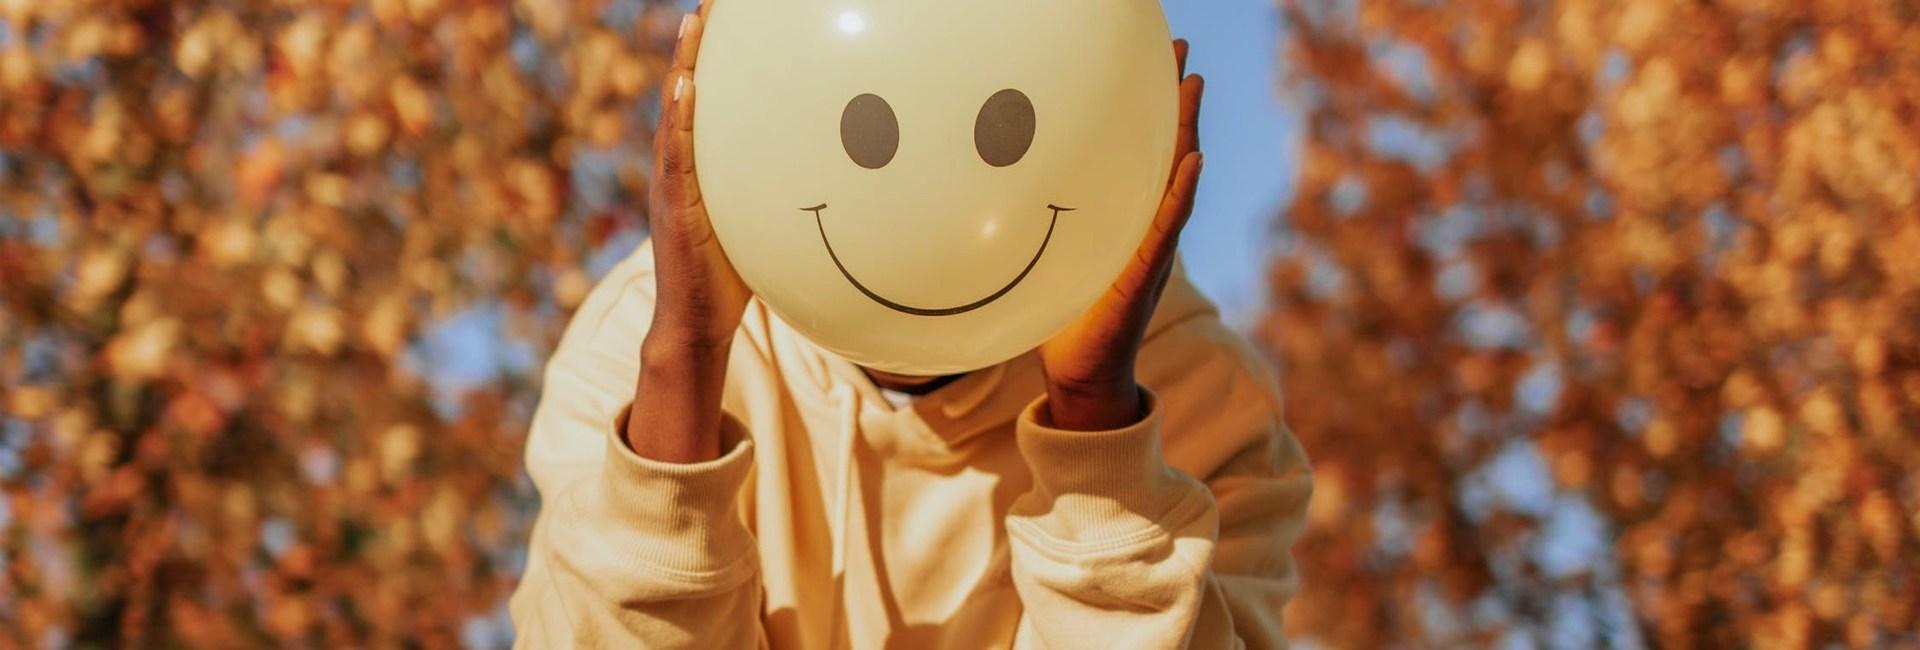 ballon-smiley